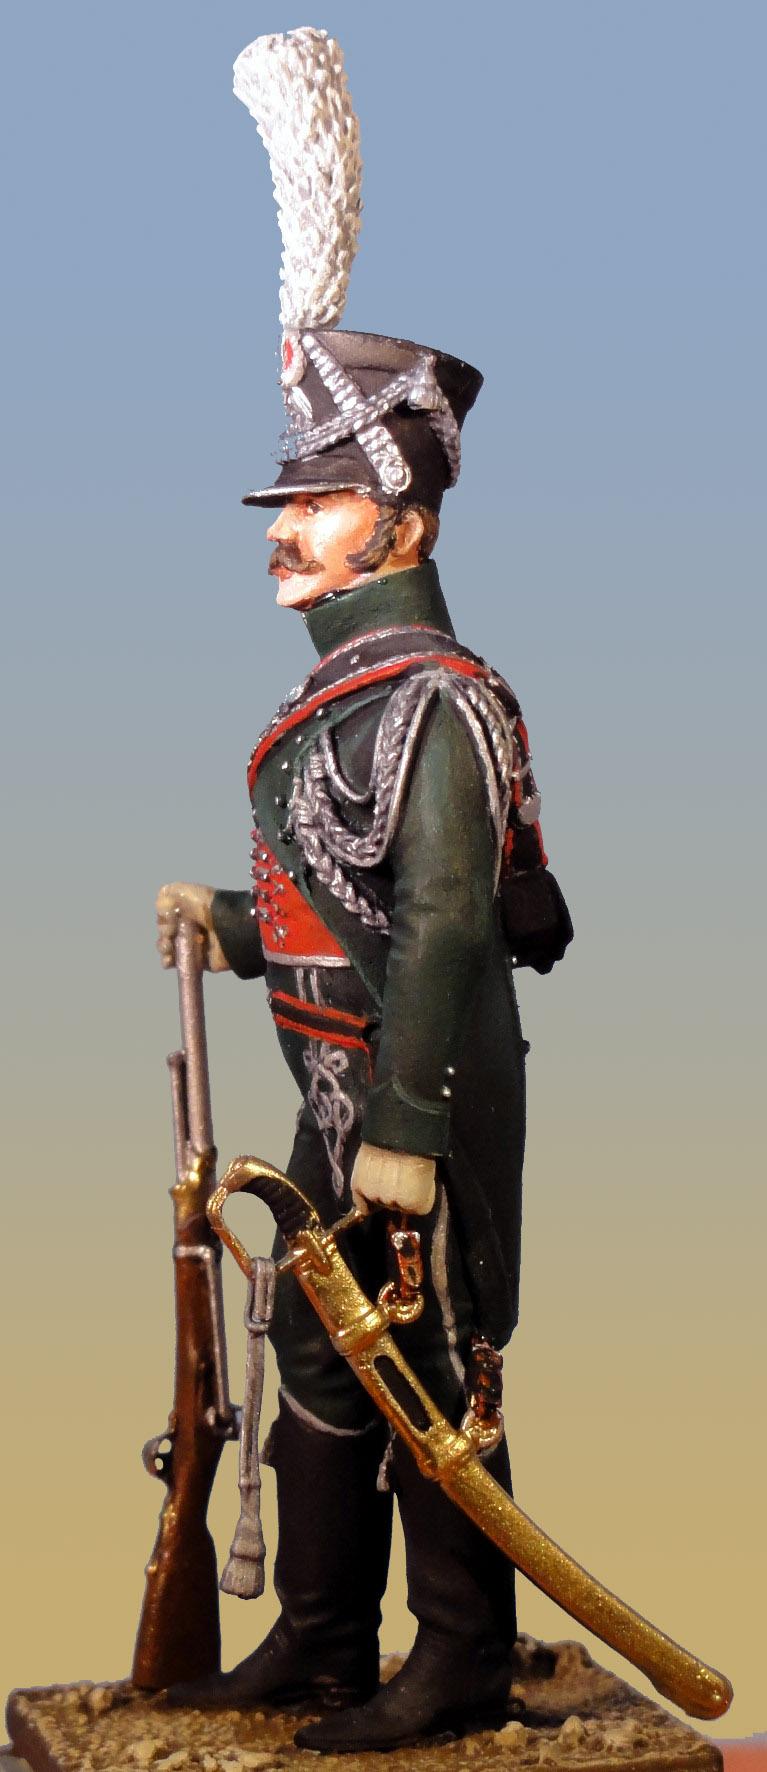 Vitrine de MarcM, trompette de chasseurs à cheval italiens - Page 5 Dsc05318